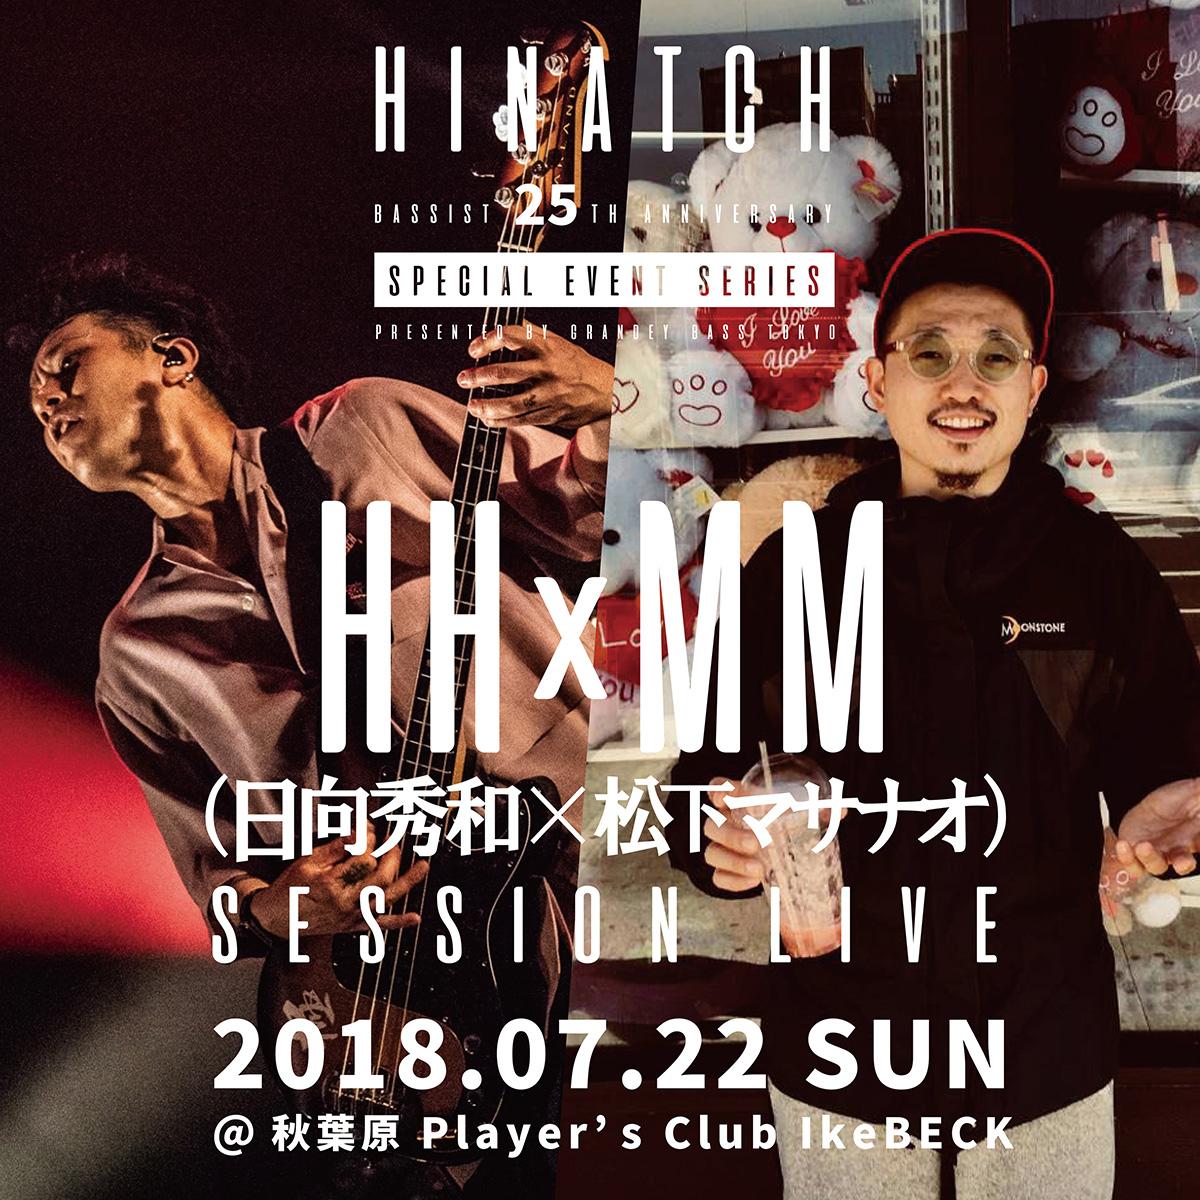 日向秀和 ベース歴25周年 Special Event Series / HH×MM(日向秀和×松下マサナオ) Session Live